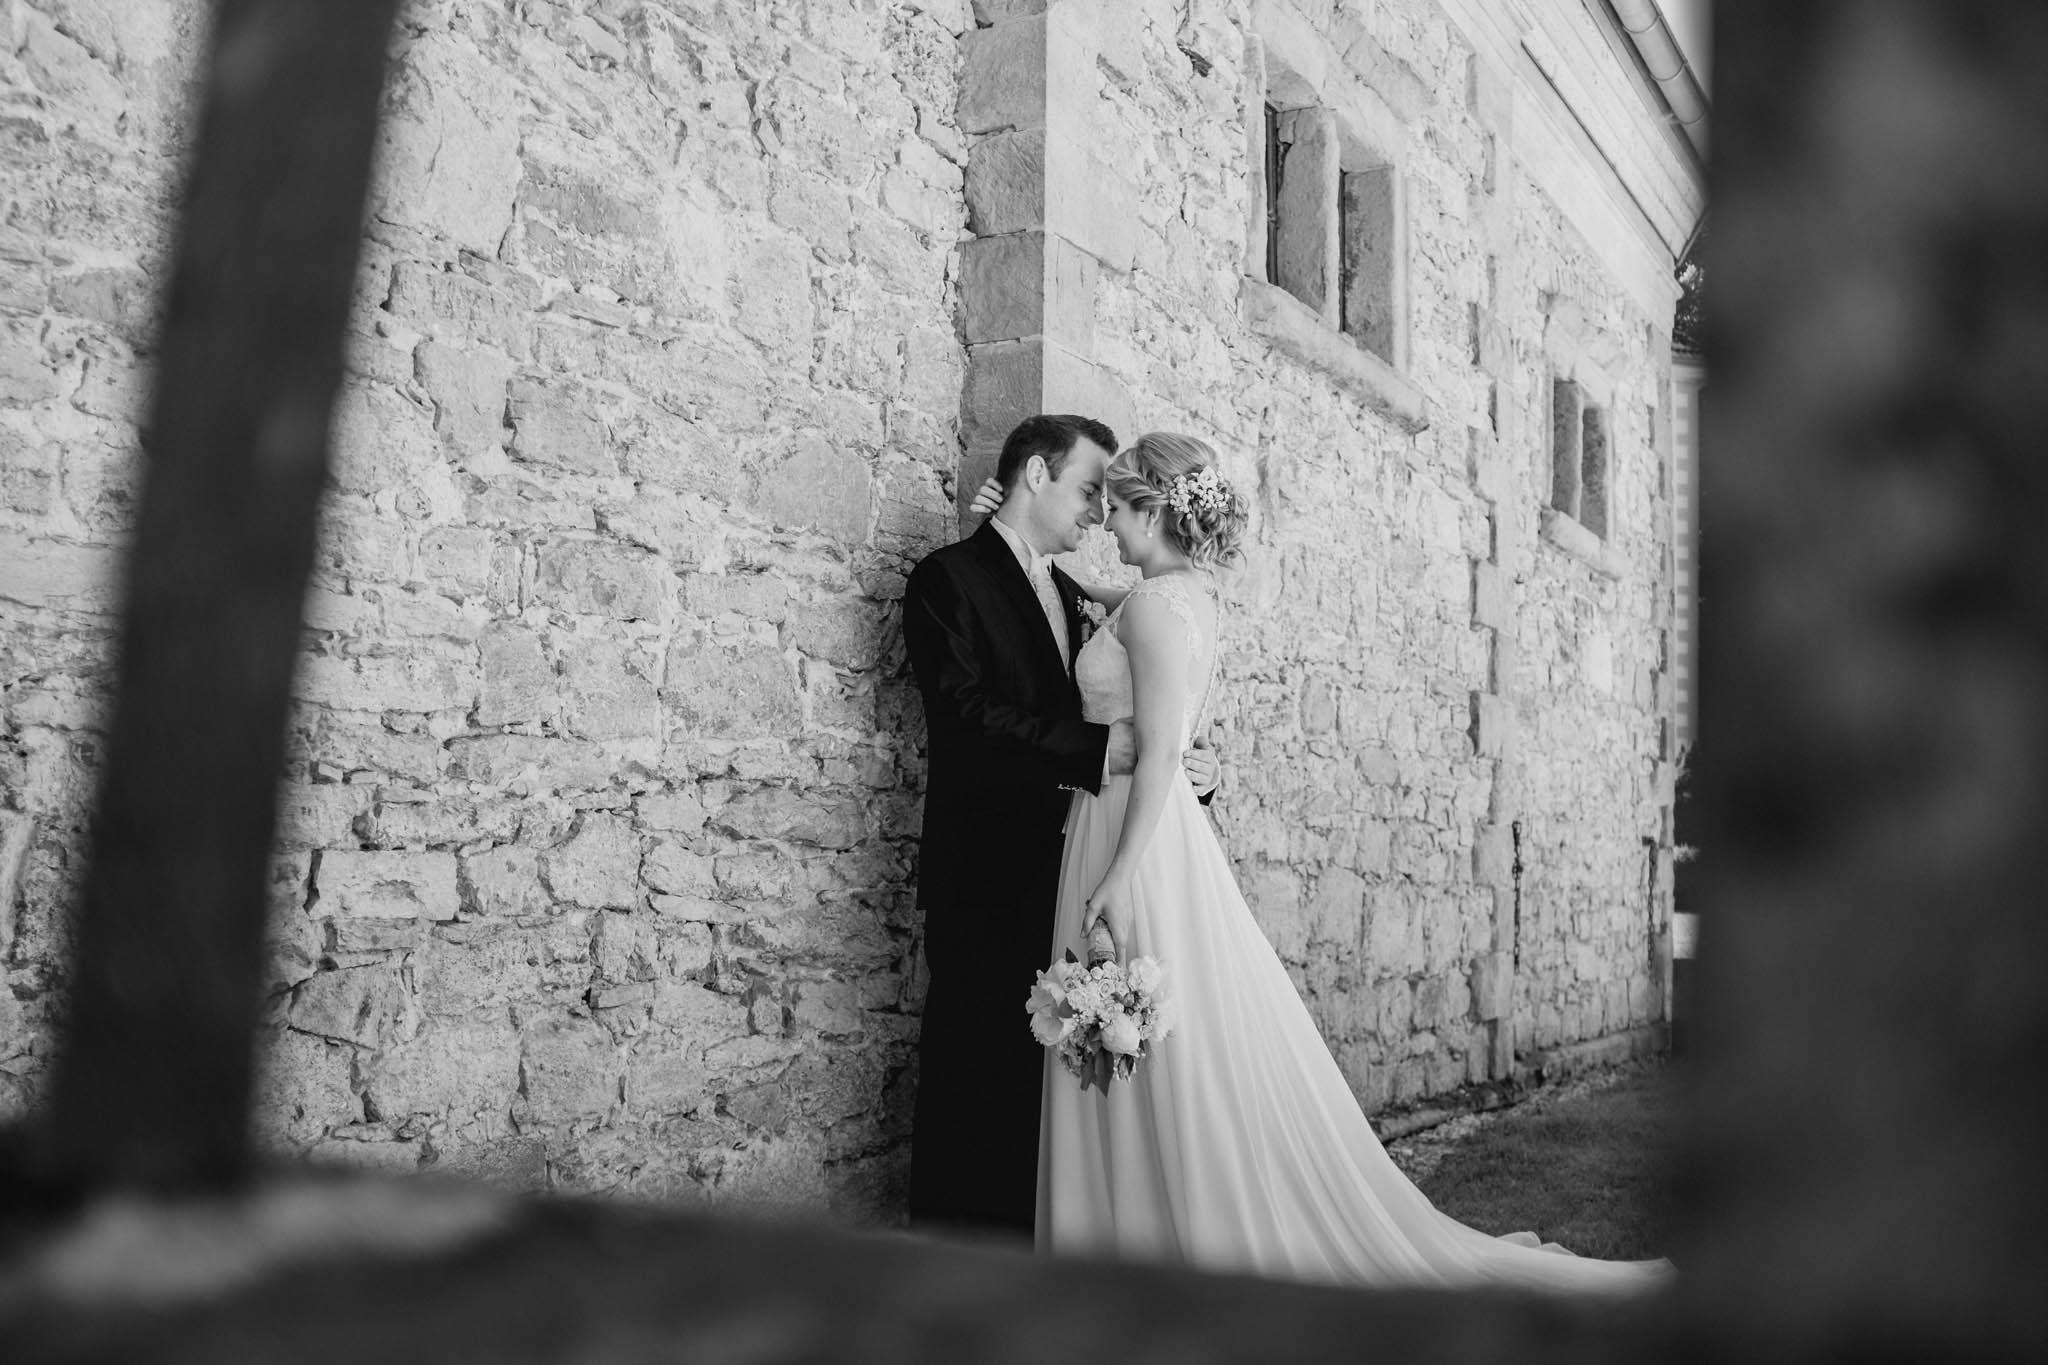 Hochzeitsfotograf Bielefeld - Hochzeit alte Wassermühle zu Bentrup